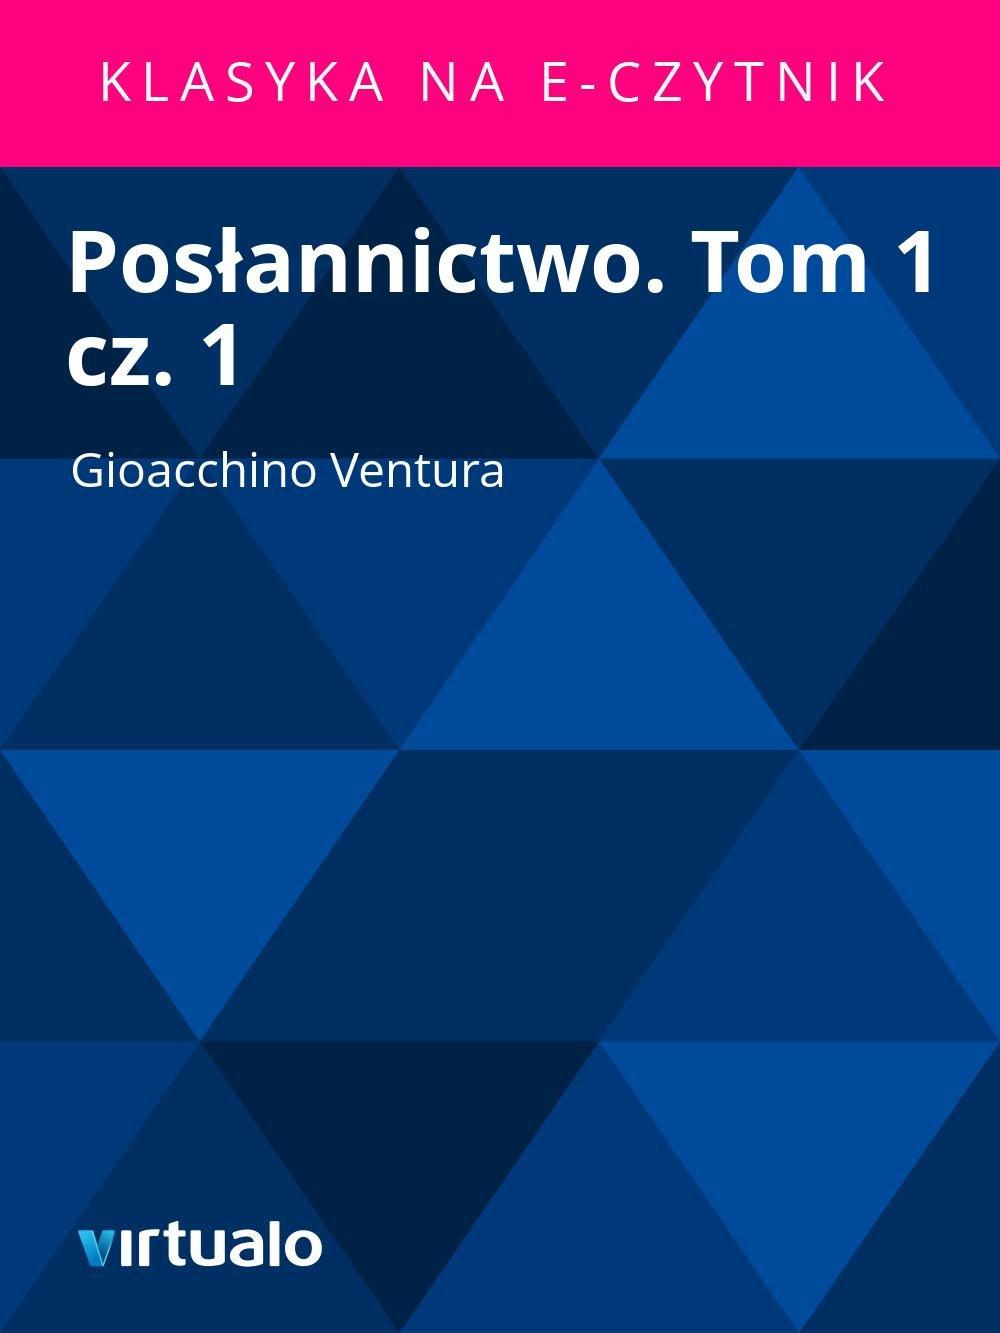 Posłannictwo. Tom 1 cz. 1 - Ebook (Książka EPUB) do pobrania w formacie EPUB